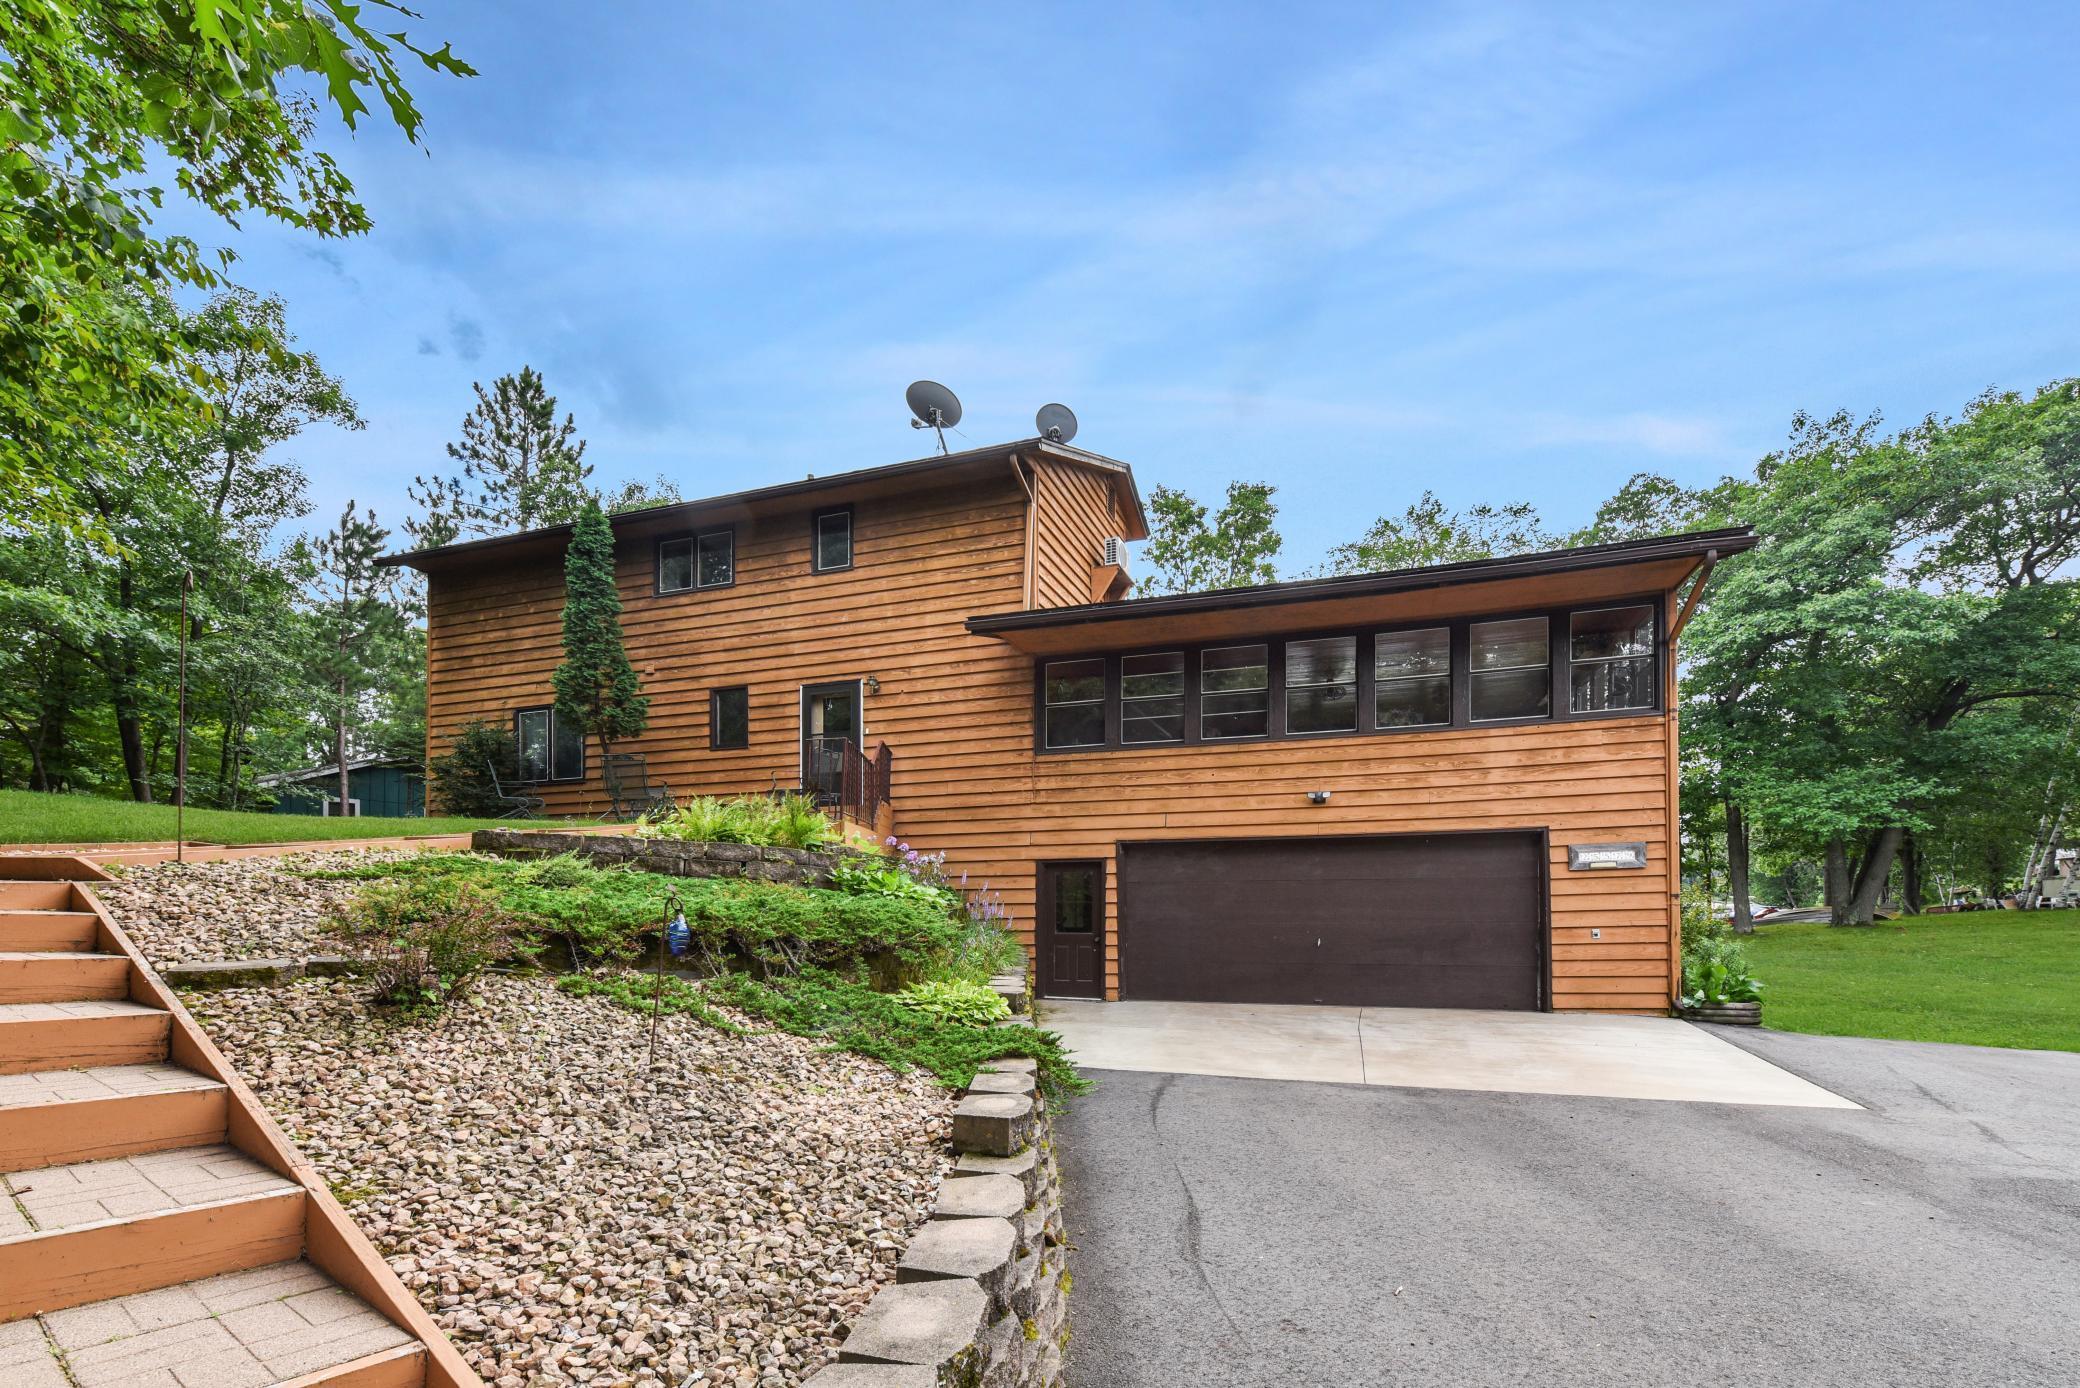 25579 N Hamlet Road Property Photo - Deerwood, MN real estate listing